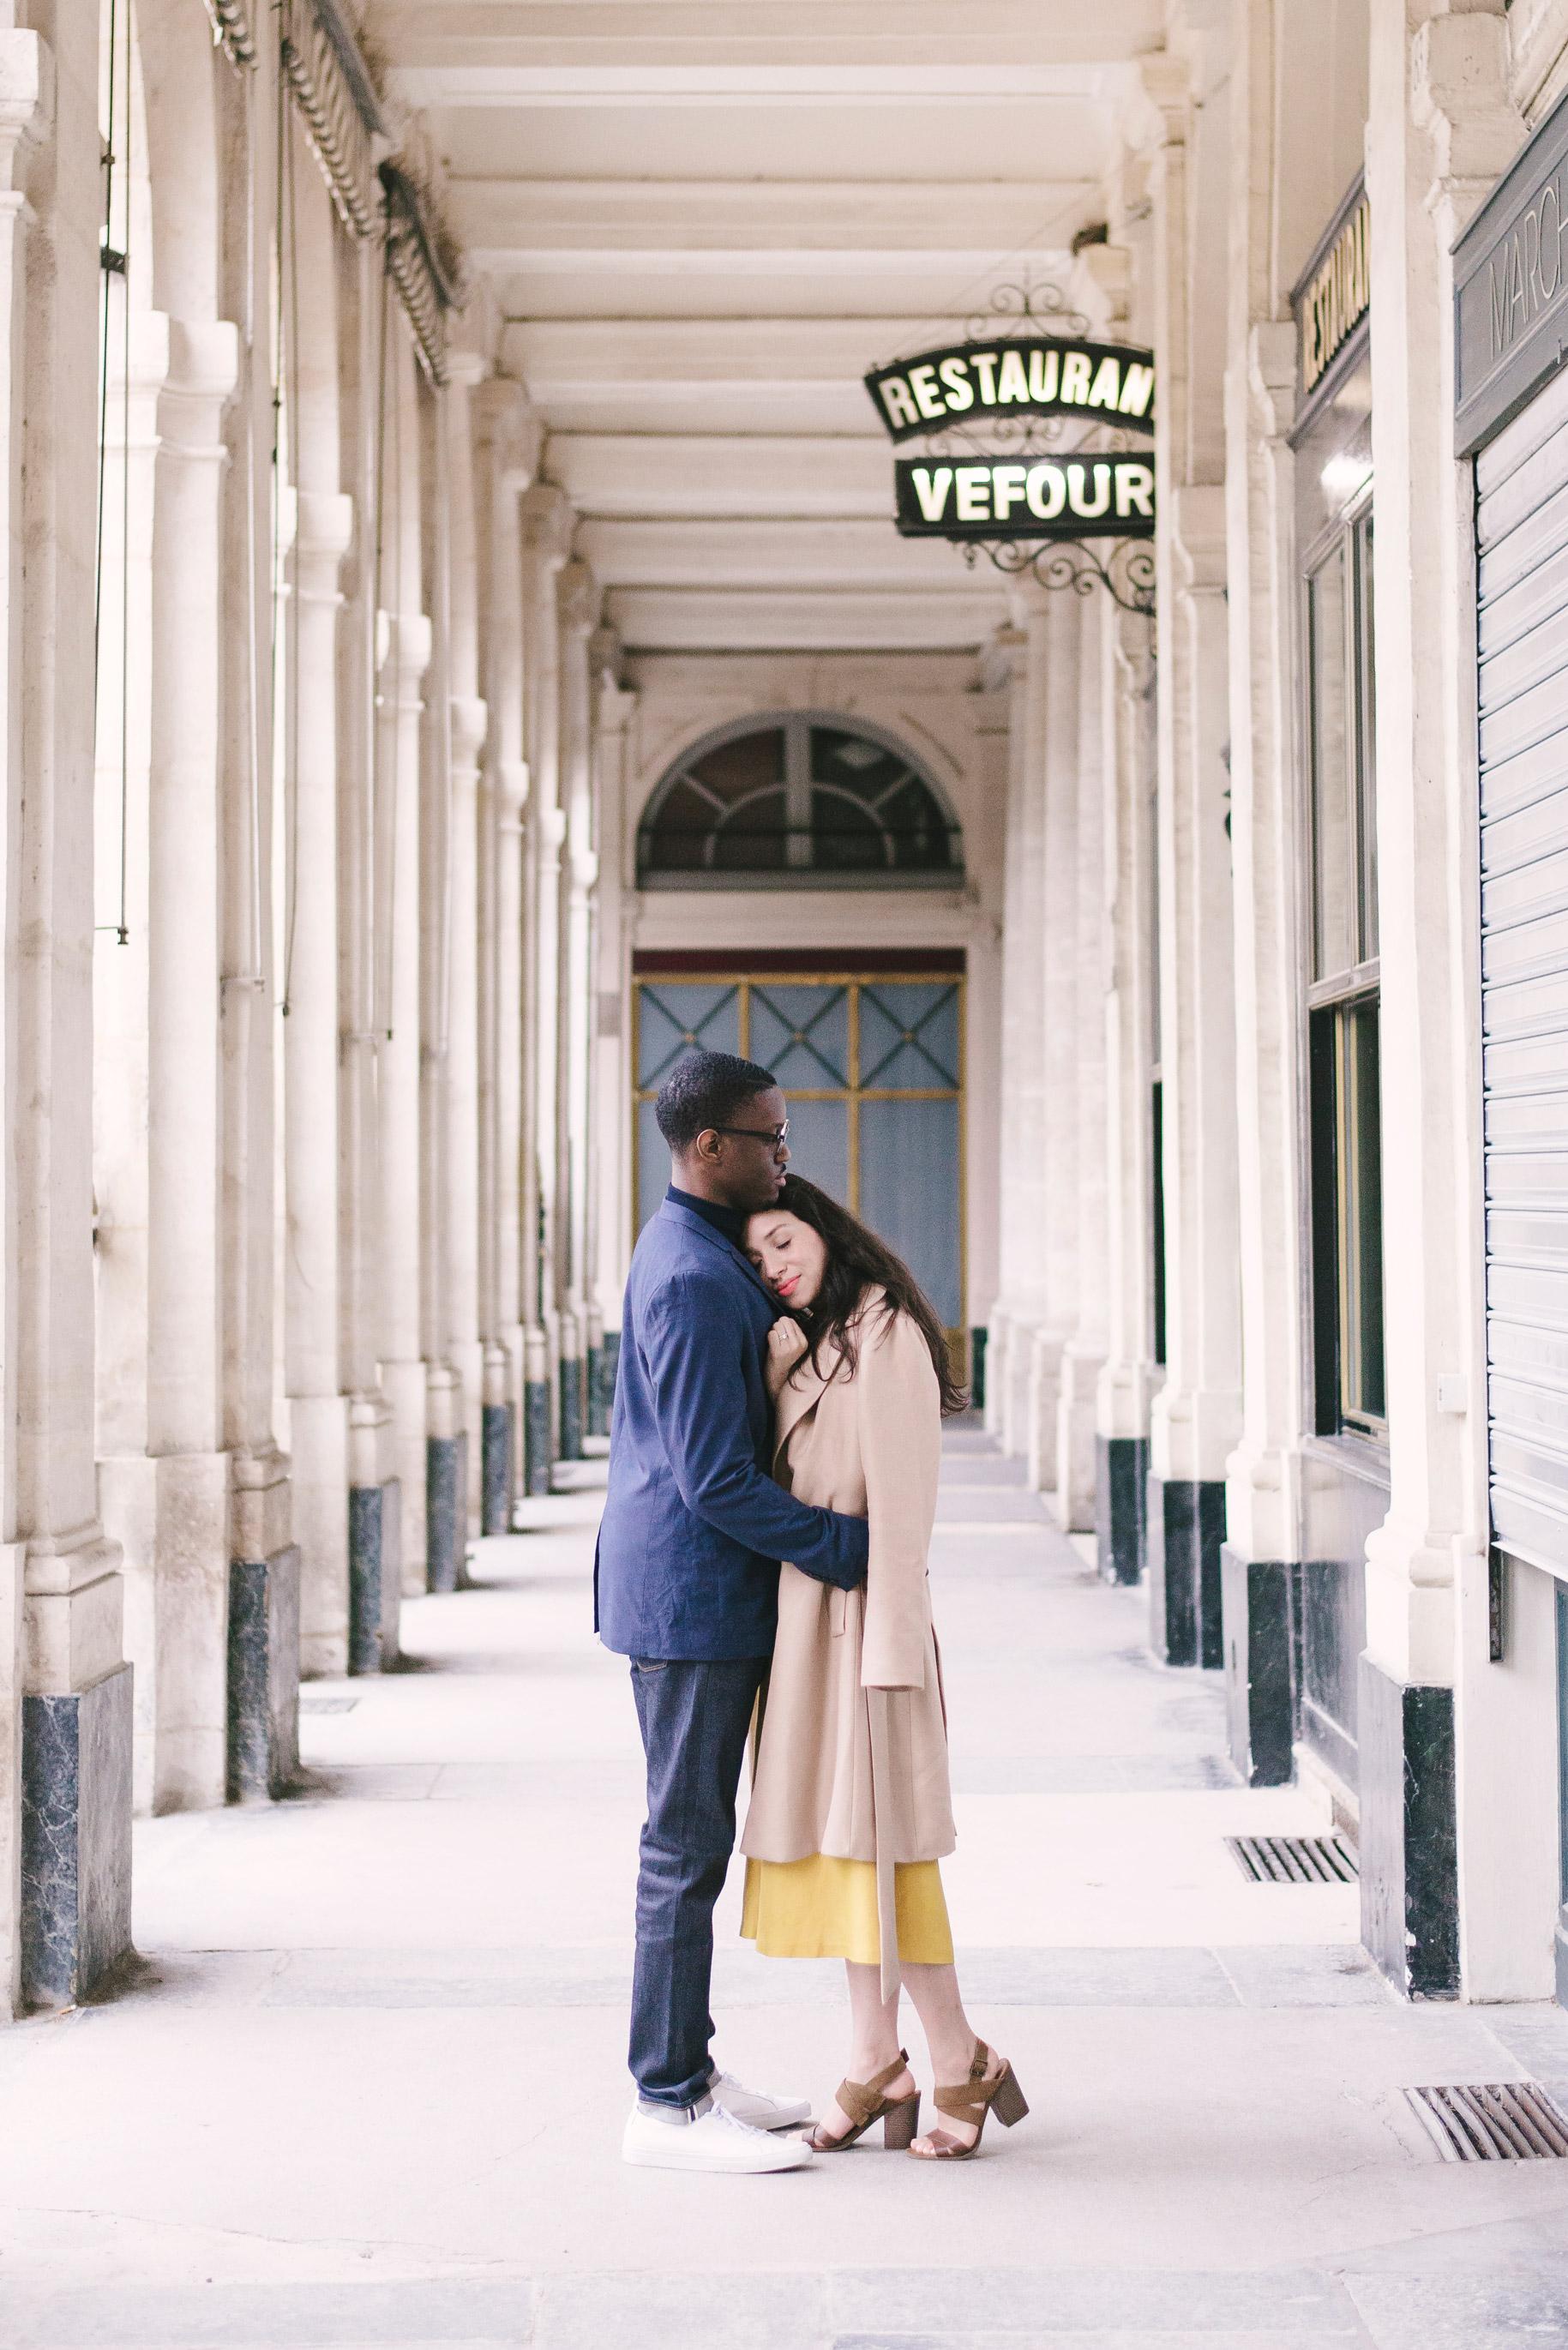 Couple-photoshoot-Paris-Pont-des-arts-Louvre-PalaisRoyale-042.jpg